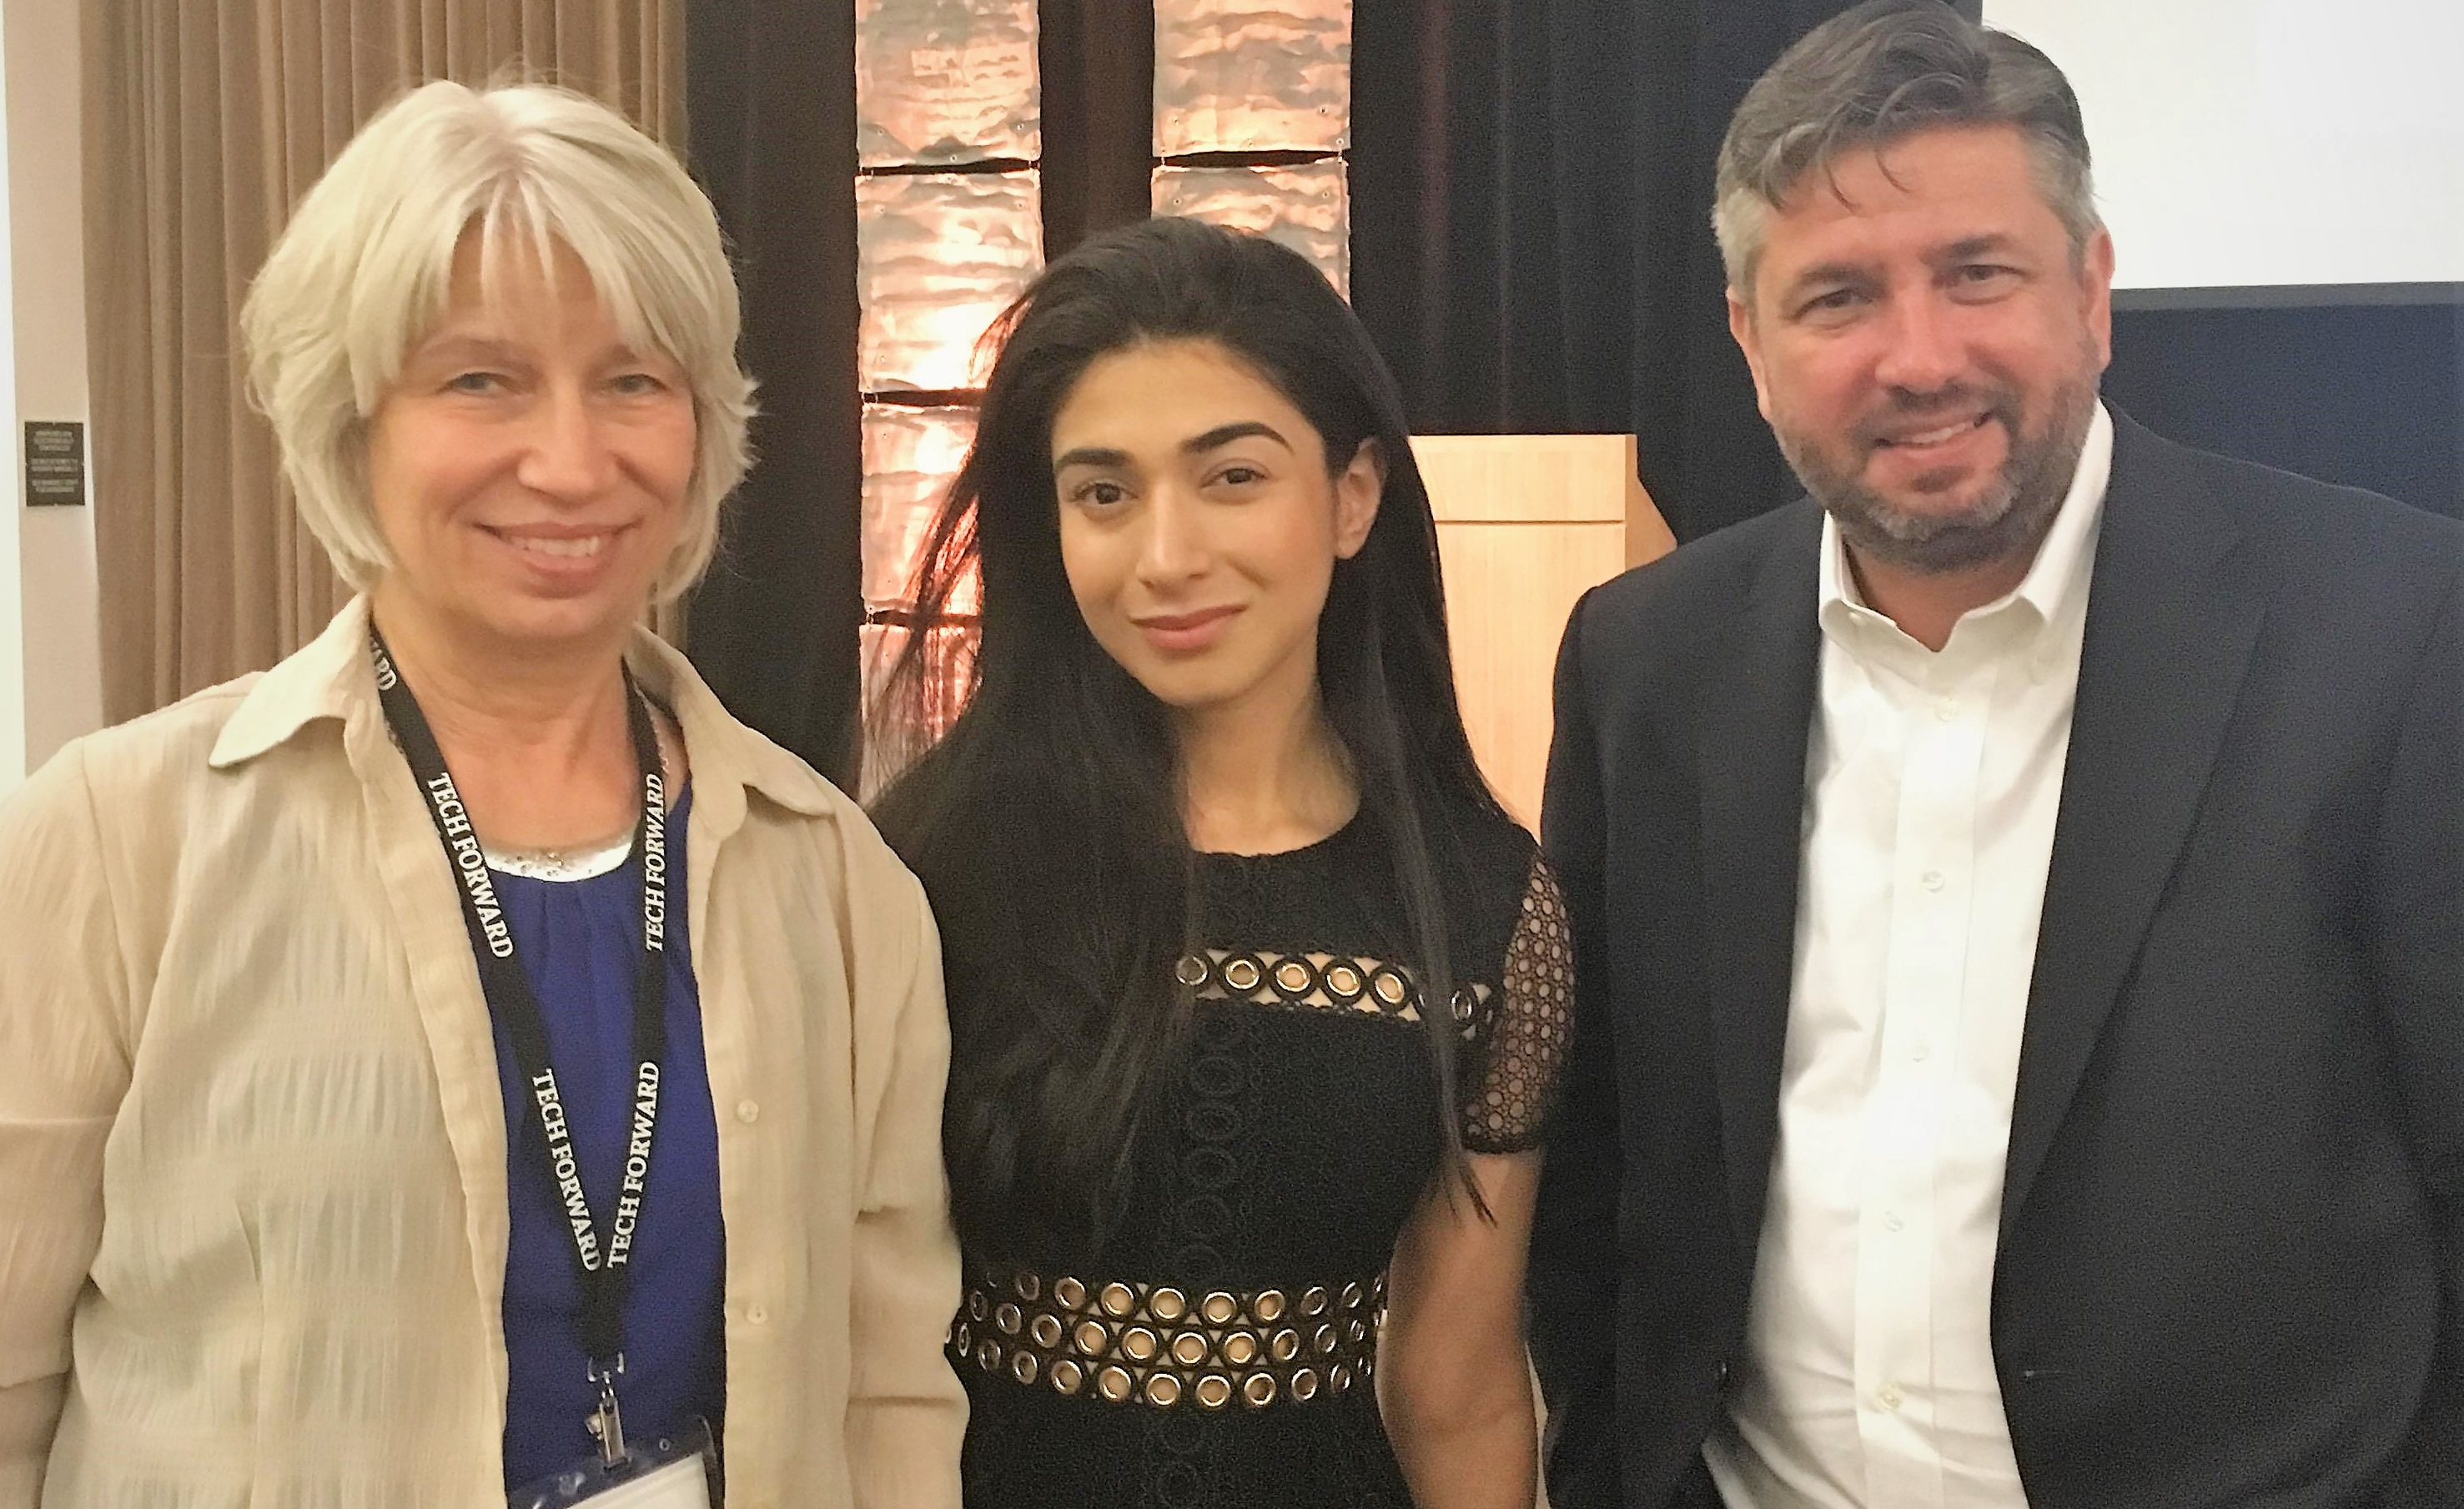 Rebecca Masisak CEO TechSoup, Shiza Shahid Co-Founder NOW Ventures & The Malala Fund, Patrick Callihan Executive Director Tech Impact